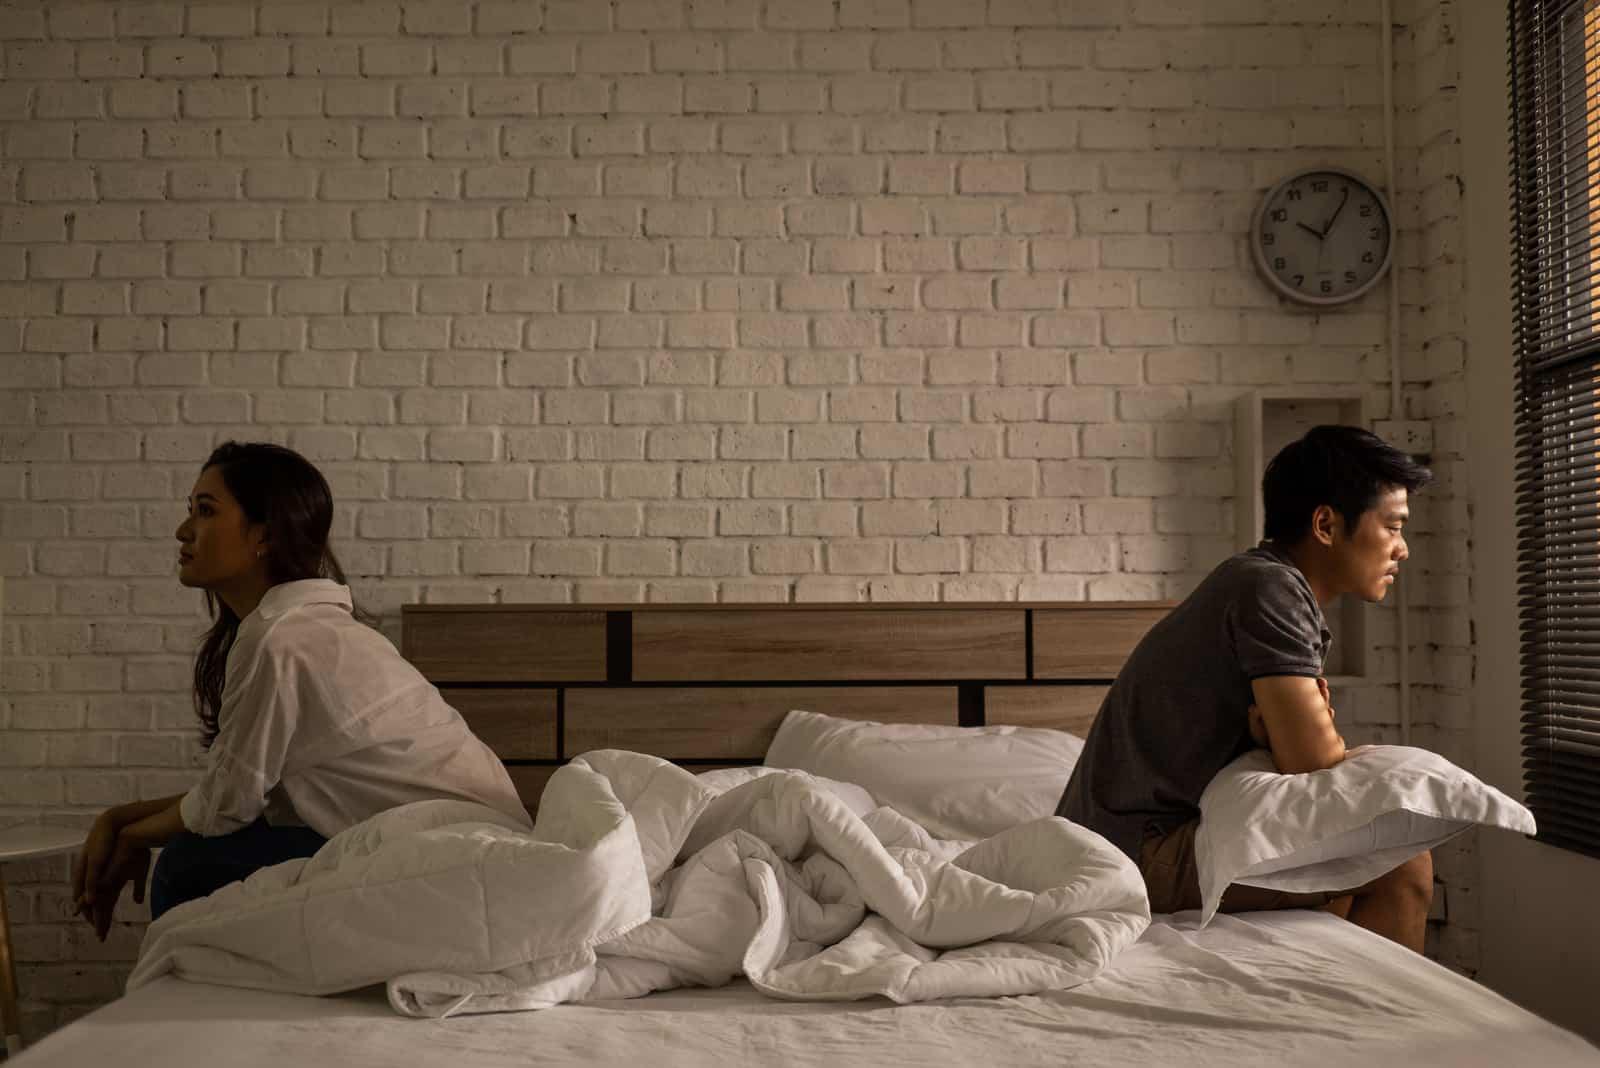 Ehe Kaputt Anzeichen